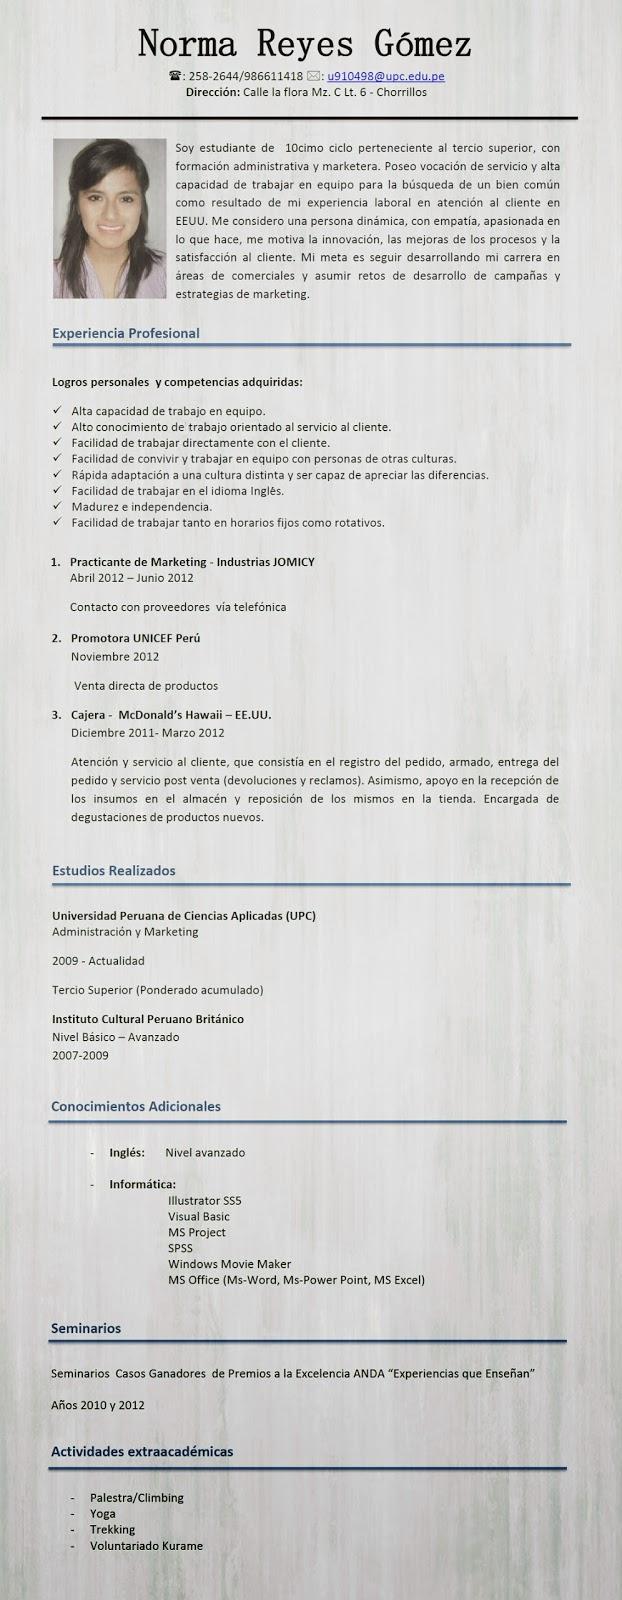 Desarrollo Personal: Curriculum Vitae [Orientado a mis competencias]